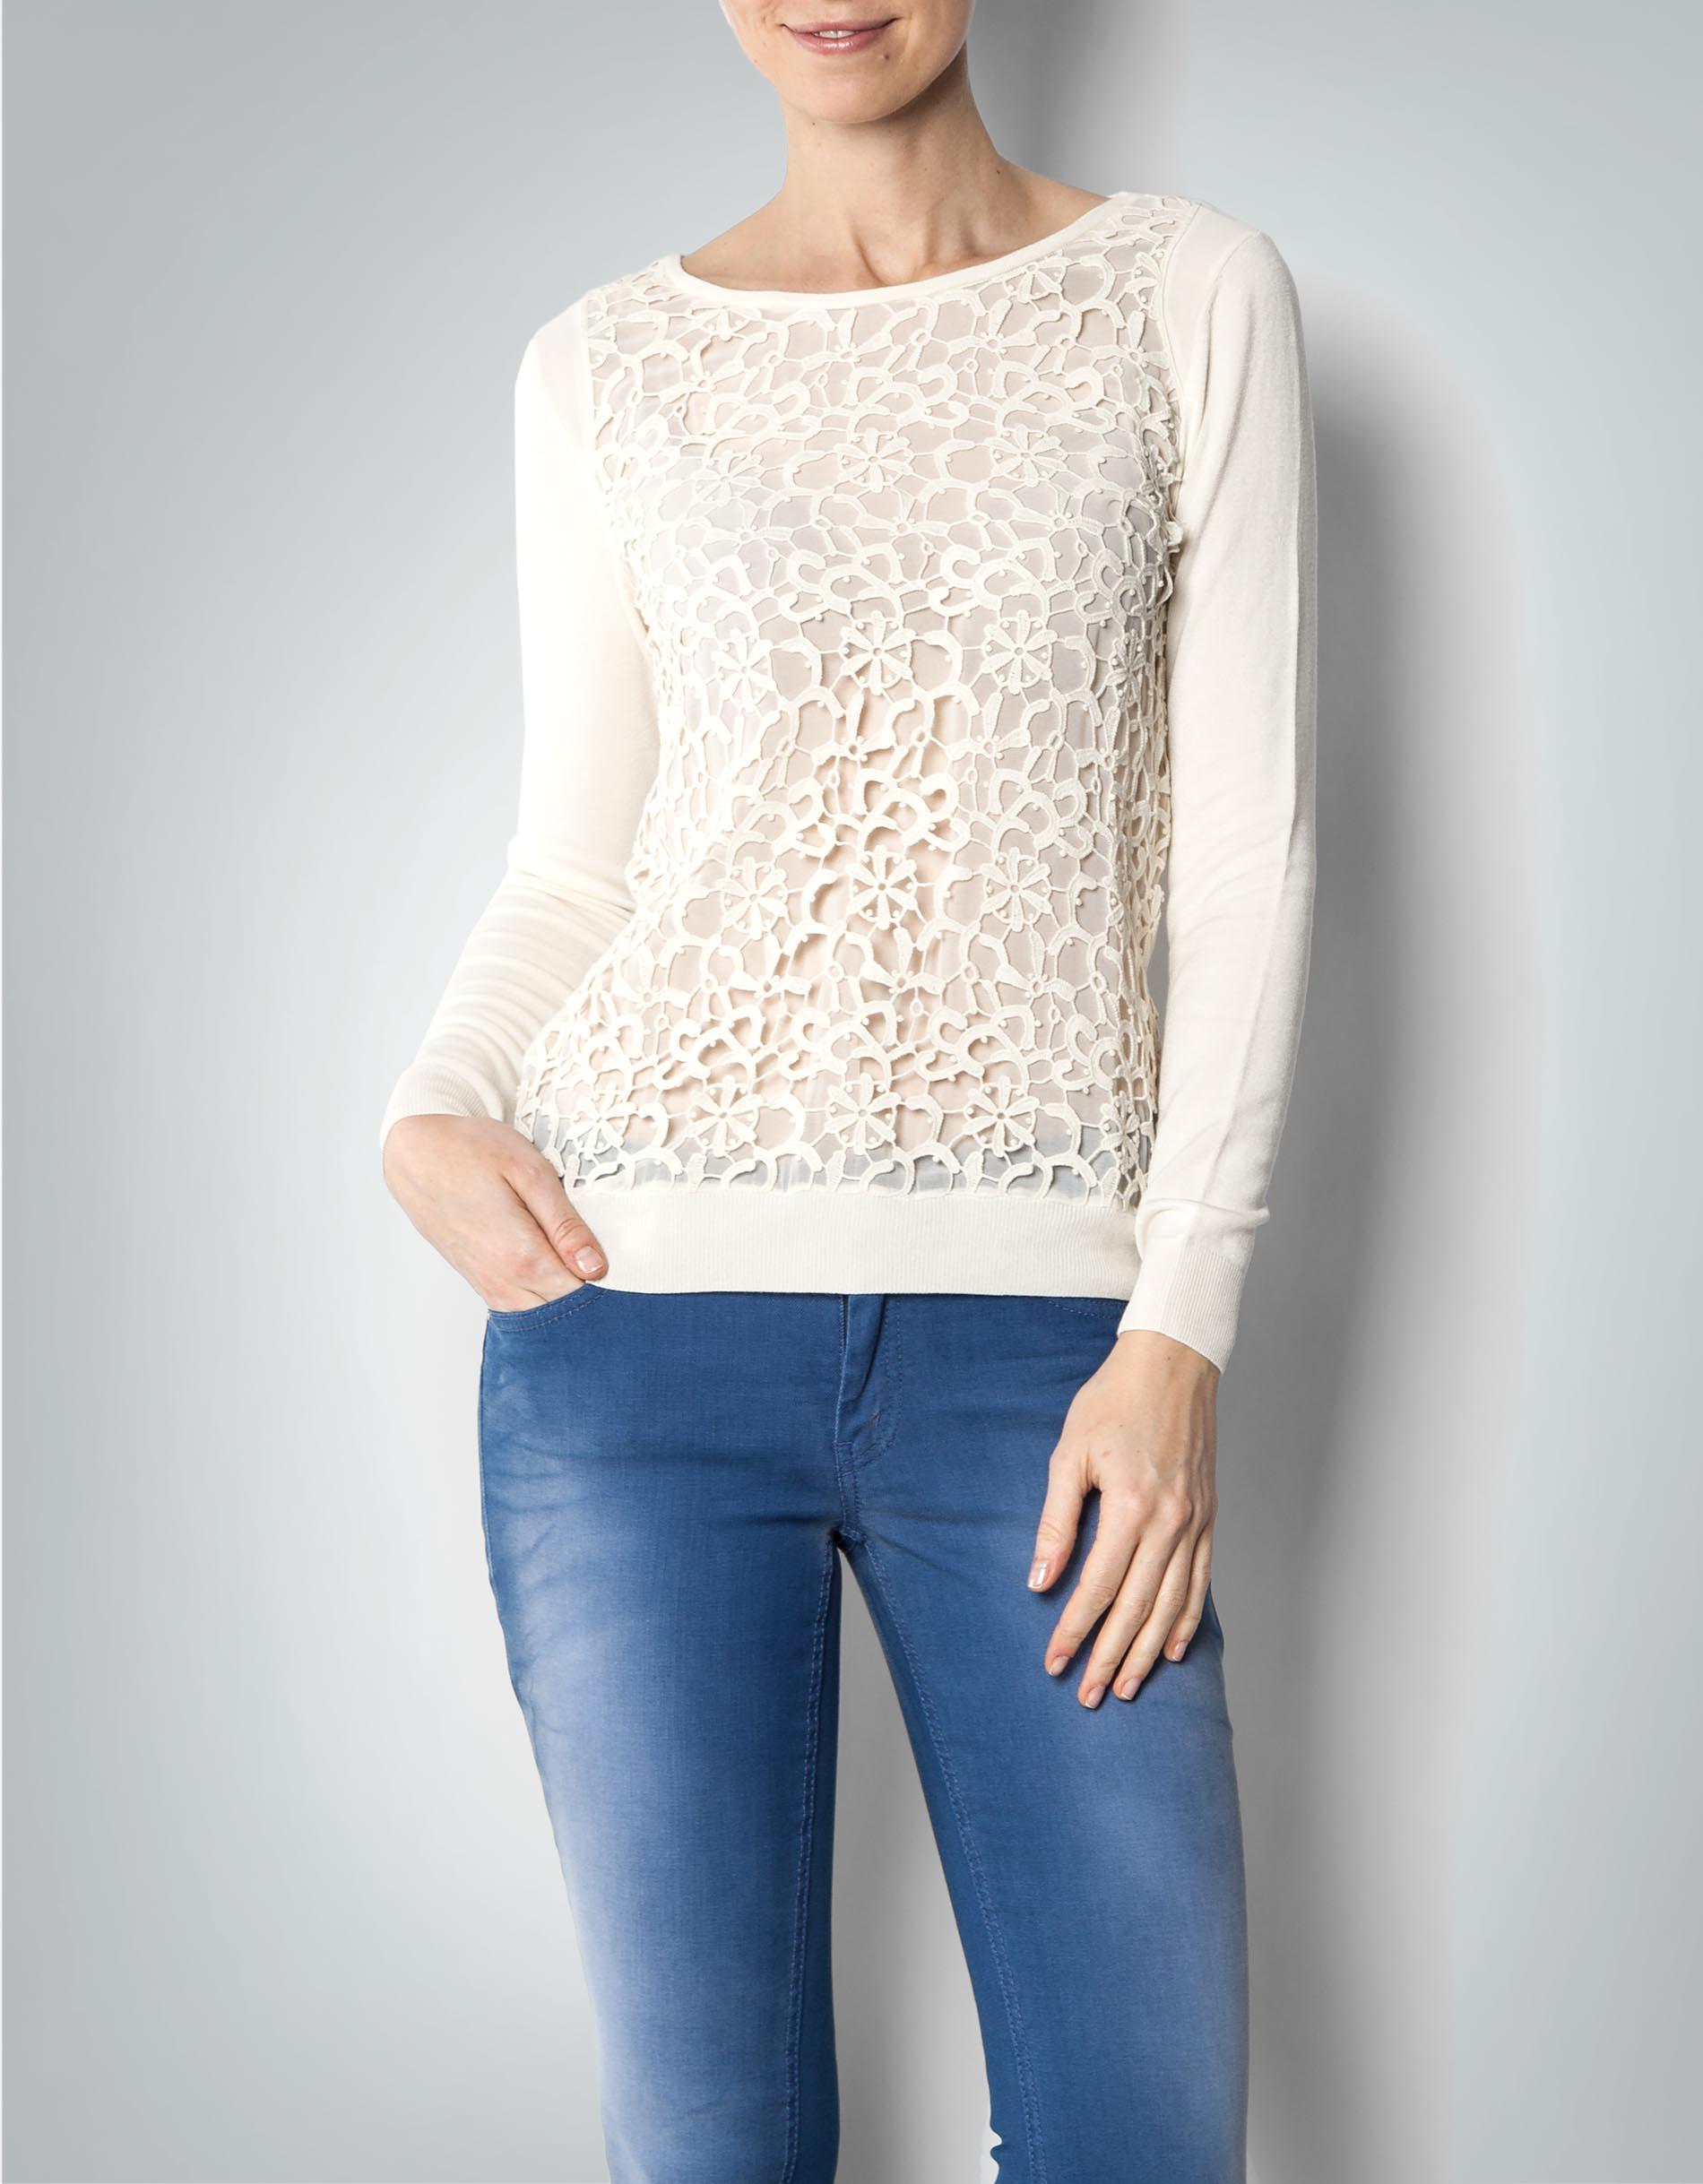 KOOKAI Damen Pullover mit floralem Häkelmuster empfohlen von Deinen ...